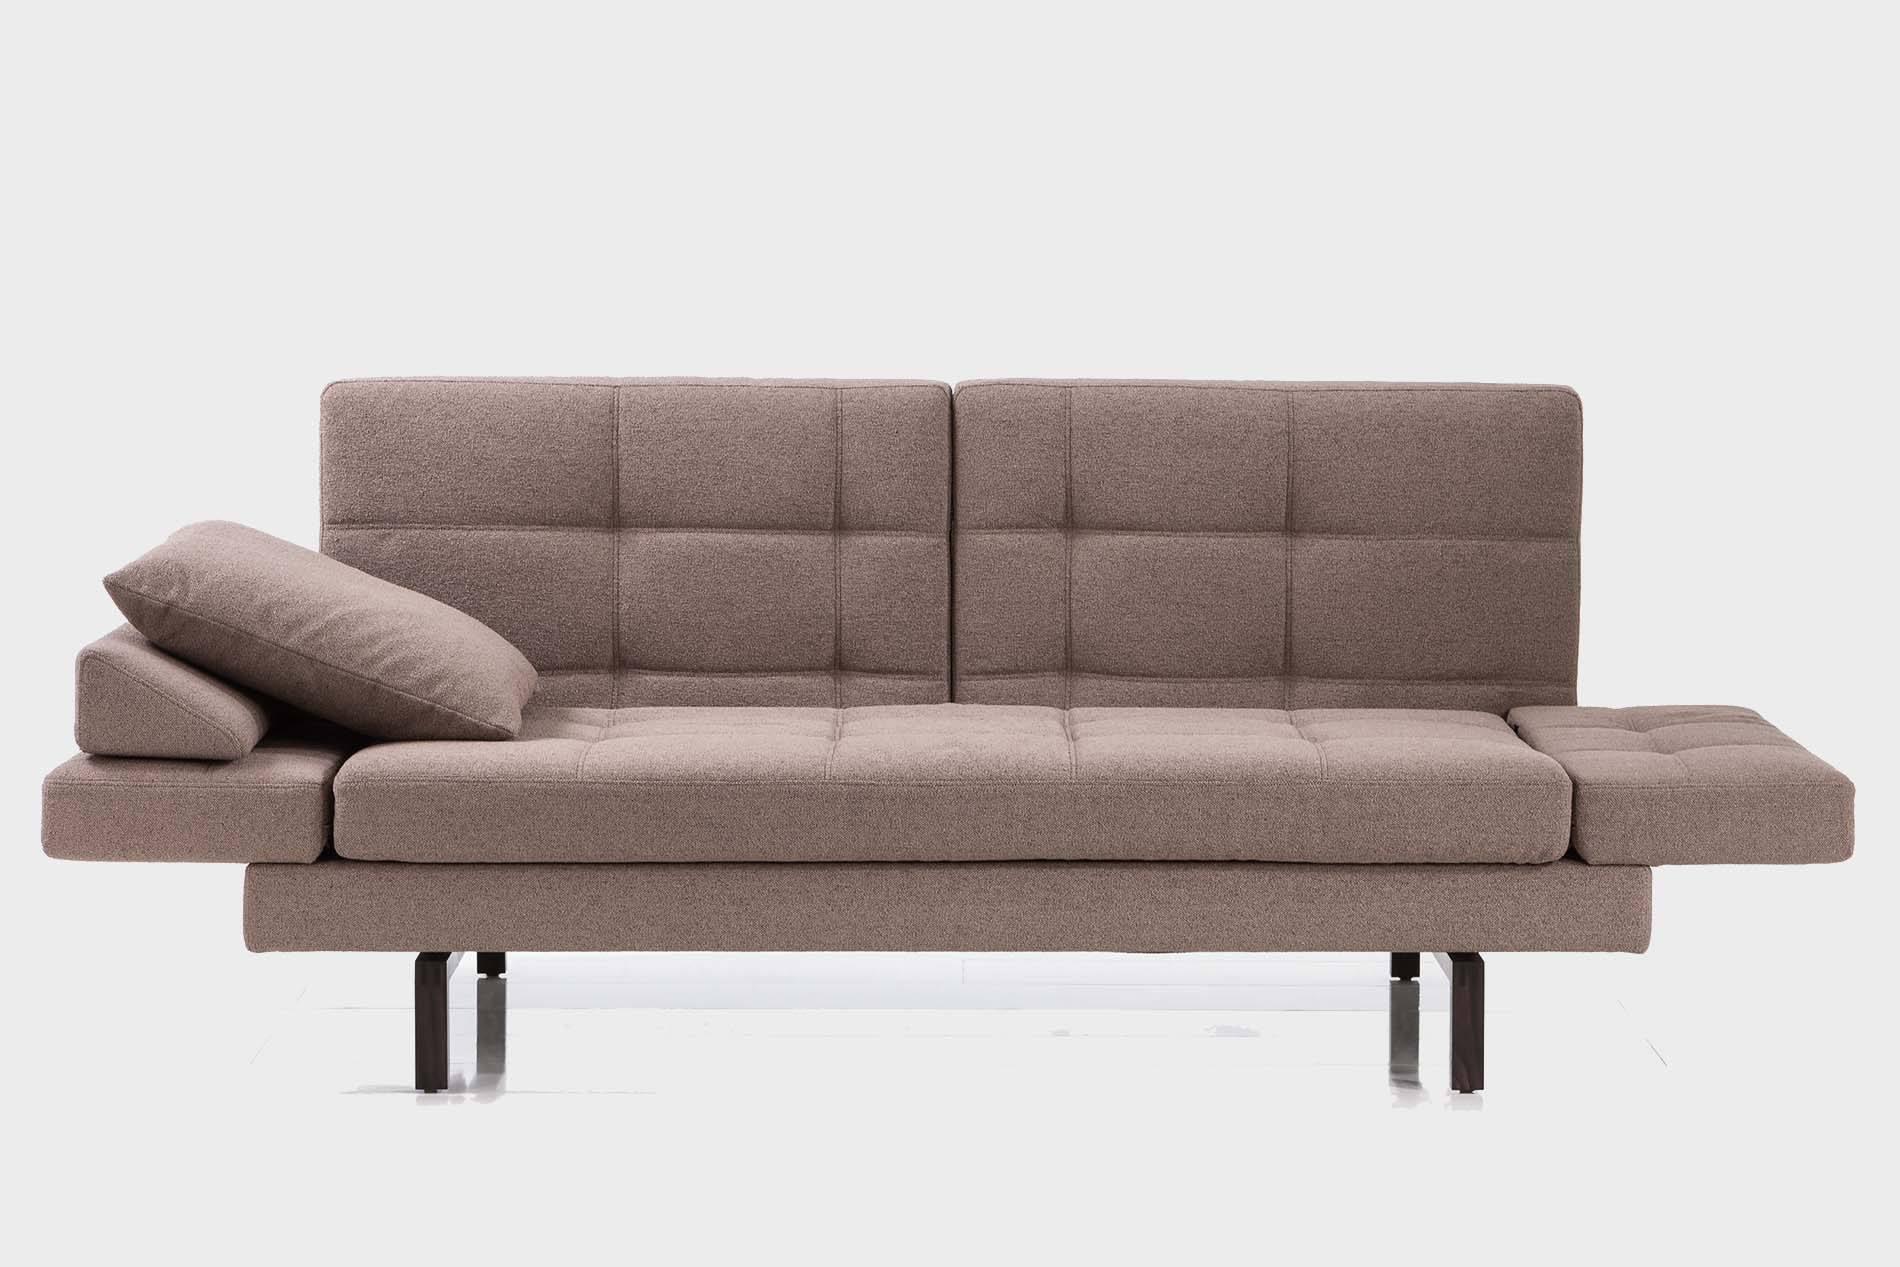 Full Size of Sofa Amber Von Brhl Das Elegante Design Mit Verstellbarer Sitztiefe Auf Raten Barock Karup Aus Matratzen Regal 50 Cm Breit Kunstleder Weiß 40 Garnitur 3 Sofa Sofa Sitzhöhe 55 Cm